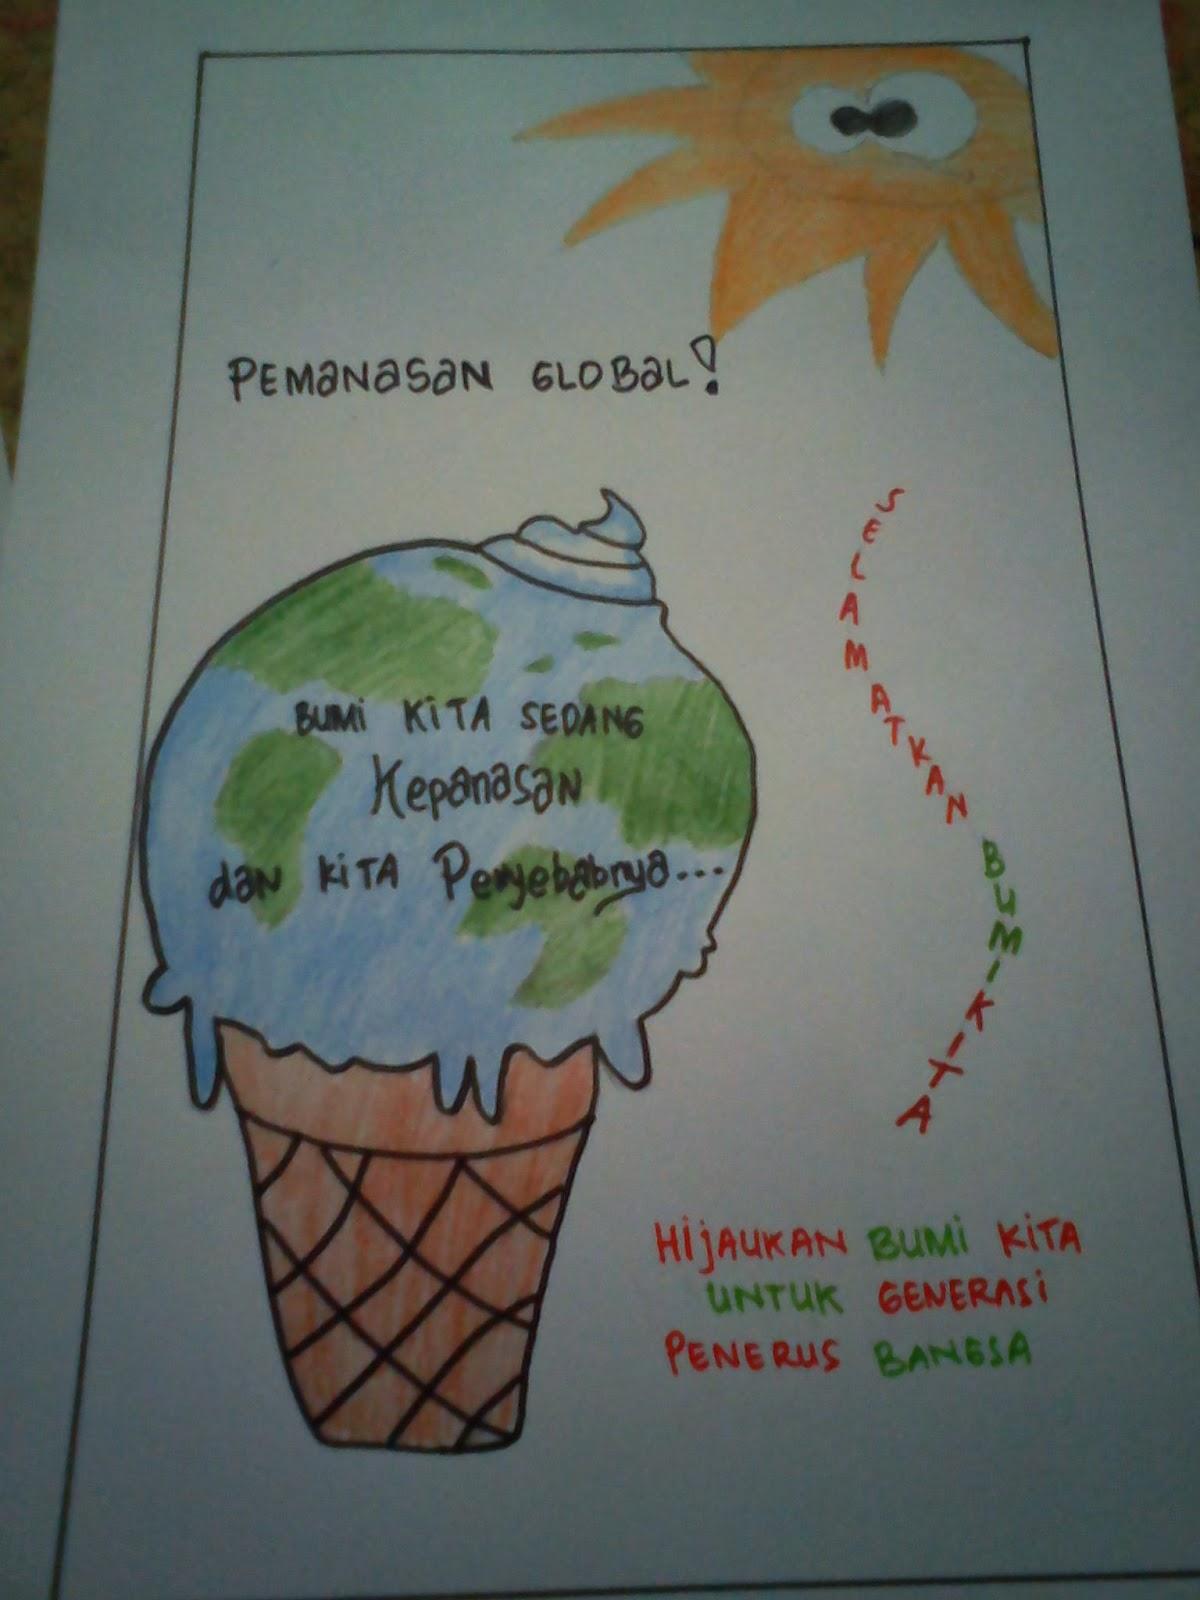 Kinanti Choriah Islamya Geografi Um 2012 Poster